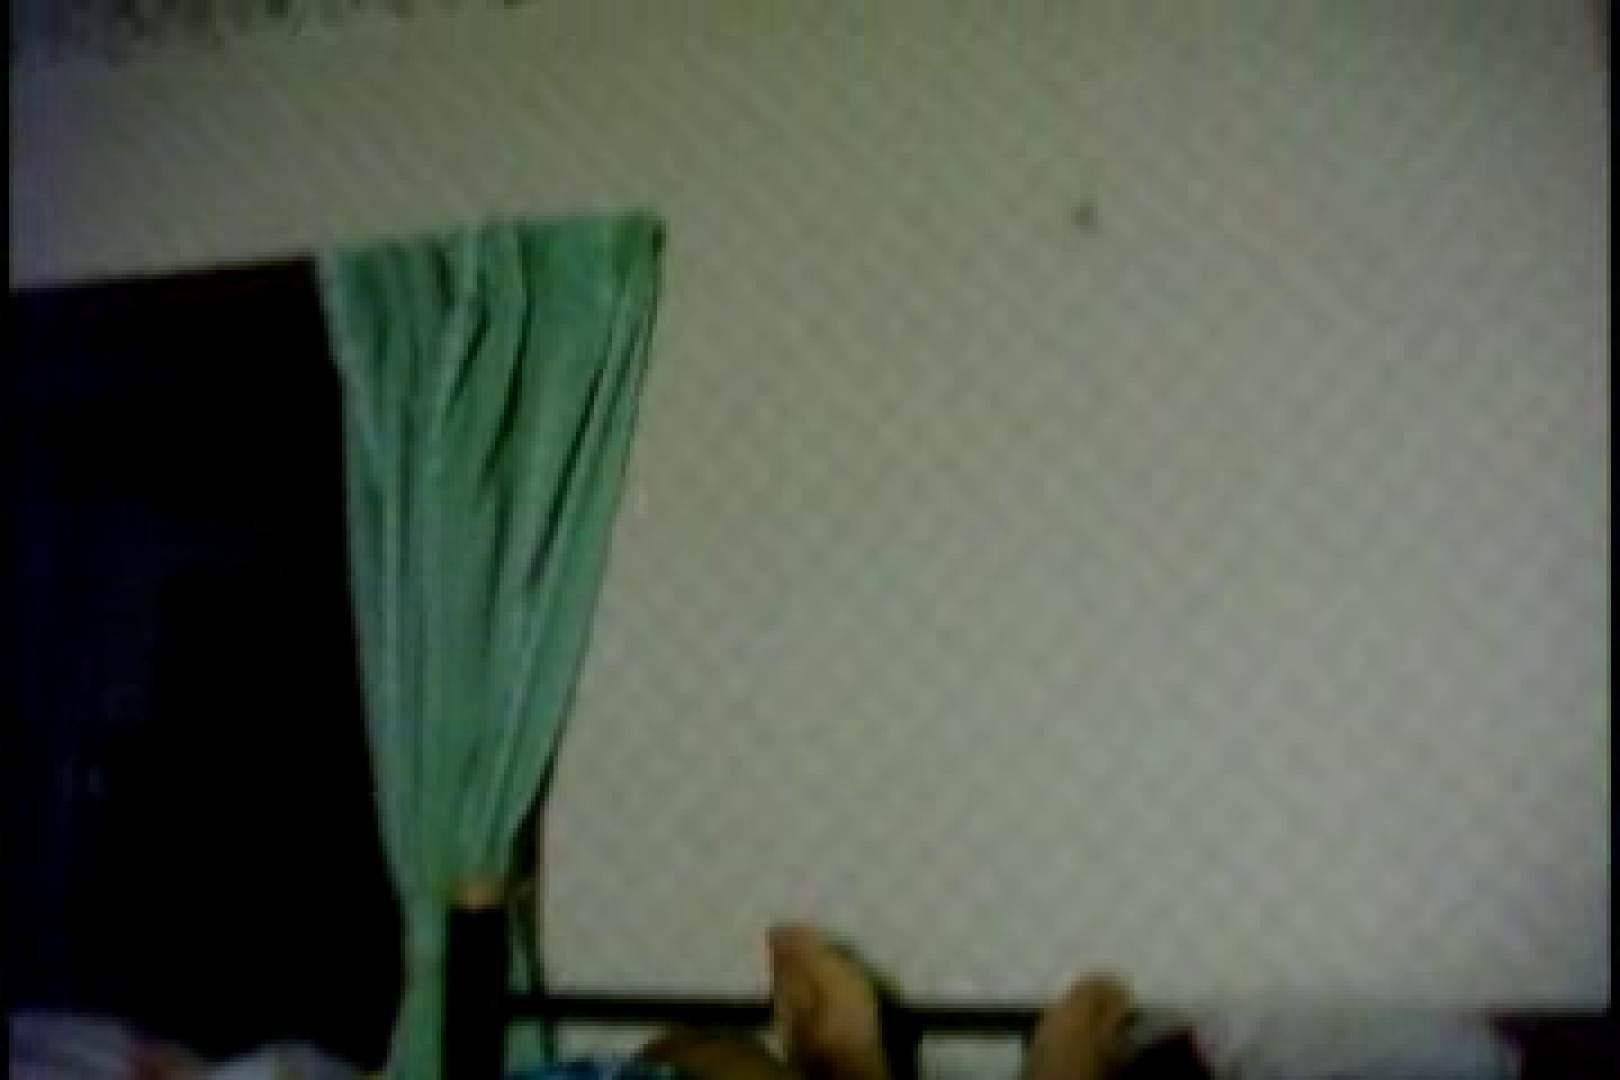 オナ好きノンケテニス部員の自画撮り投稿vol.03 オナニー  90pic 3